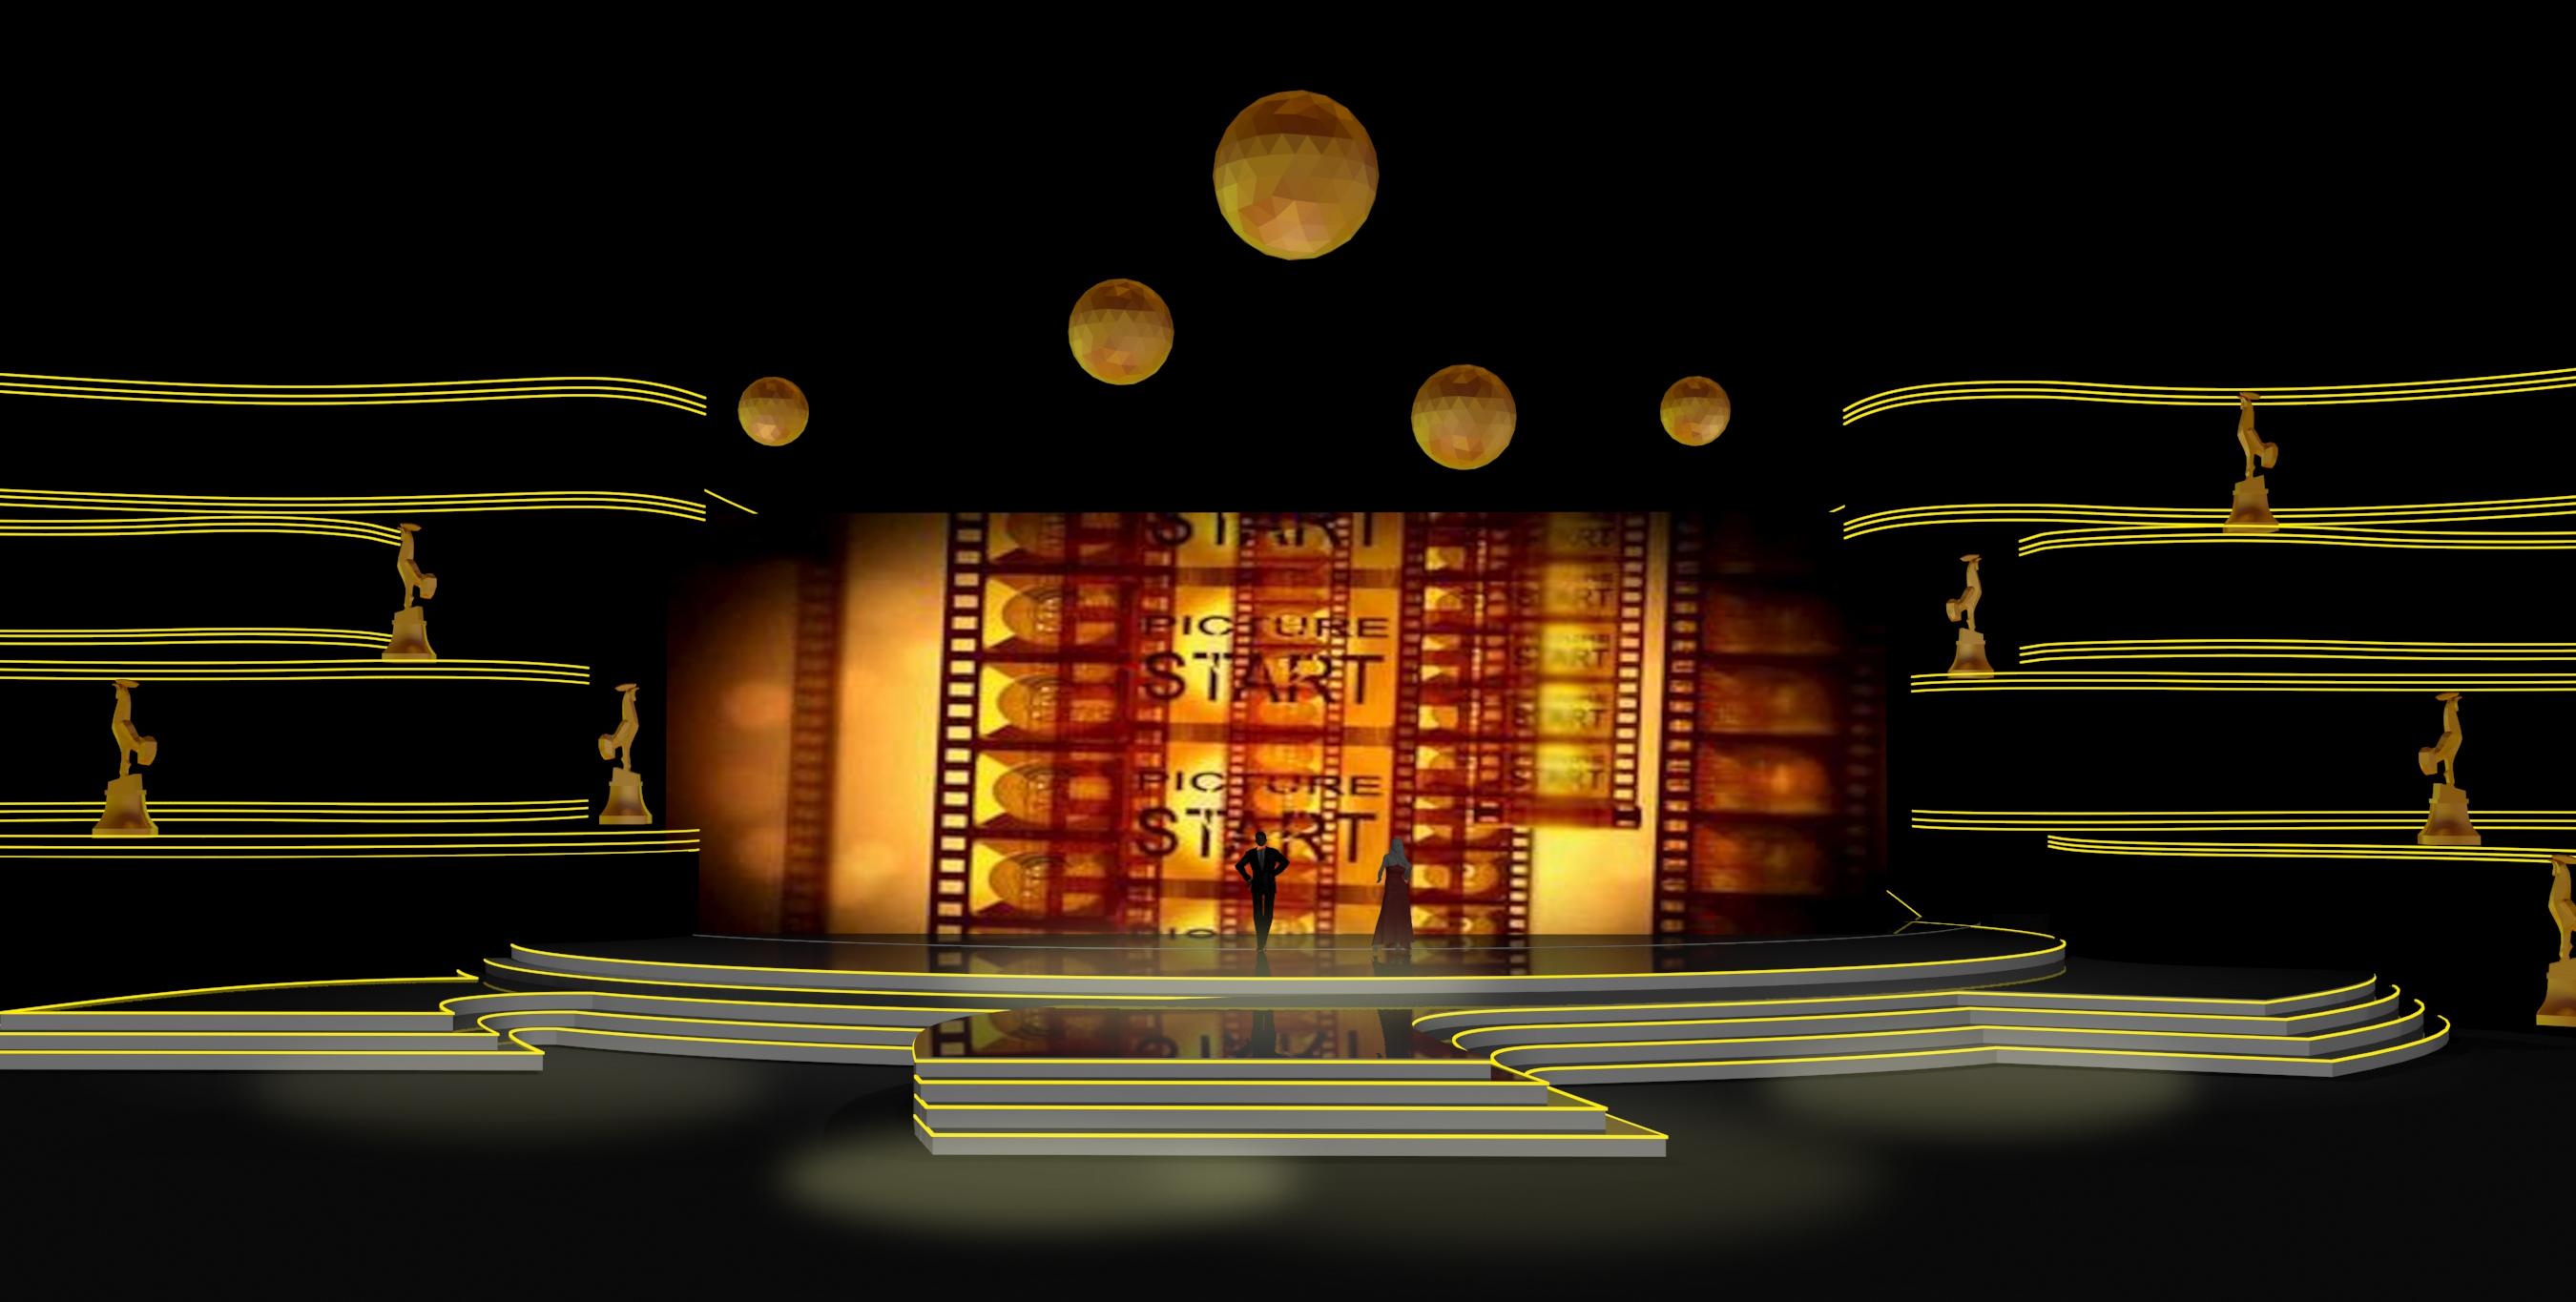 第24届中国金鸡百花电影节颁奖典礼舞美设计图片